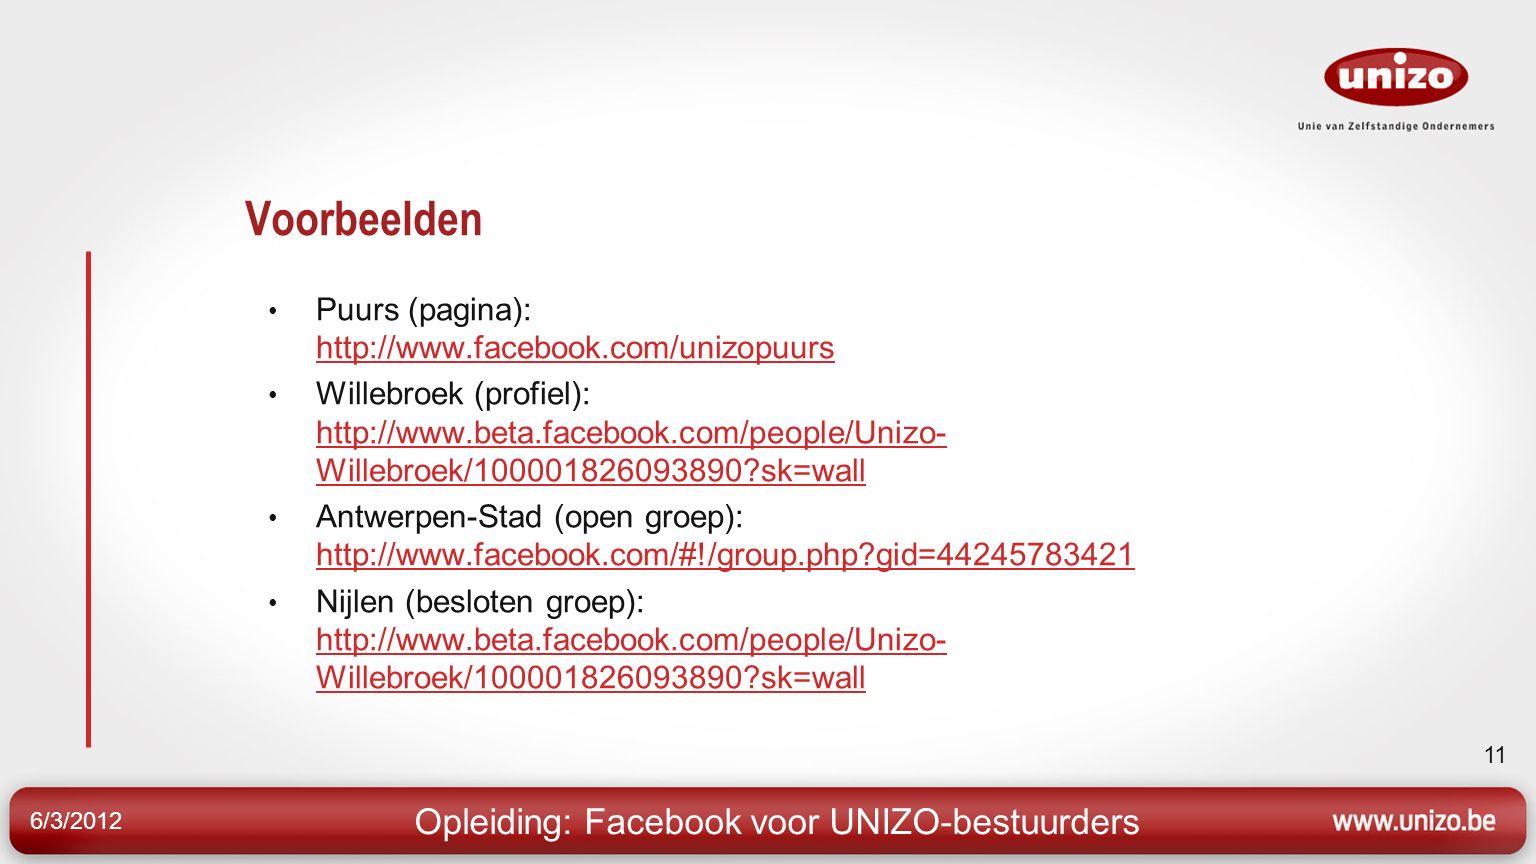 6/3/2012 11 Voorbeelden Puurs (pagina): http://www.facebook.com/unizopuurs http://www.facebook.com/unizopuurs Willebroek (profiel): http://www.beta.facebook.com/people/Unizo- Willebroek/100001826093890 sk=wall http://www.beta.facebook.com/people/Unizo- Willebroek/100001826093890 sk=wall Antwerpen-Stad (open groep): http://www.facebook.com/#!/group.php gid=44245783421 http://www.facebook.com/#!/group.php gid=44245783421 Nijlen (besloten groep): http://www.beta.facebook.com/people/Unizo- Willebroek/100001826093890 sk=wall http://www.beta.facebook.com/people/Unizo- Willebroek/100001826093890 sk=wall Opleiding: Facebook voor UNIZO-bestuurders